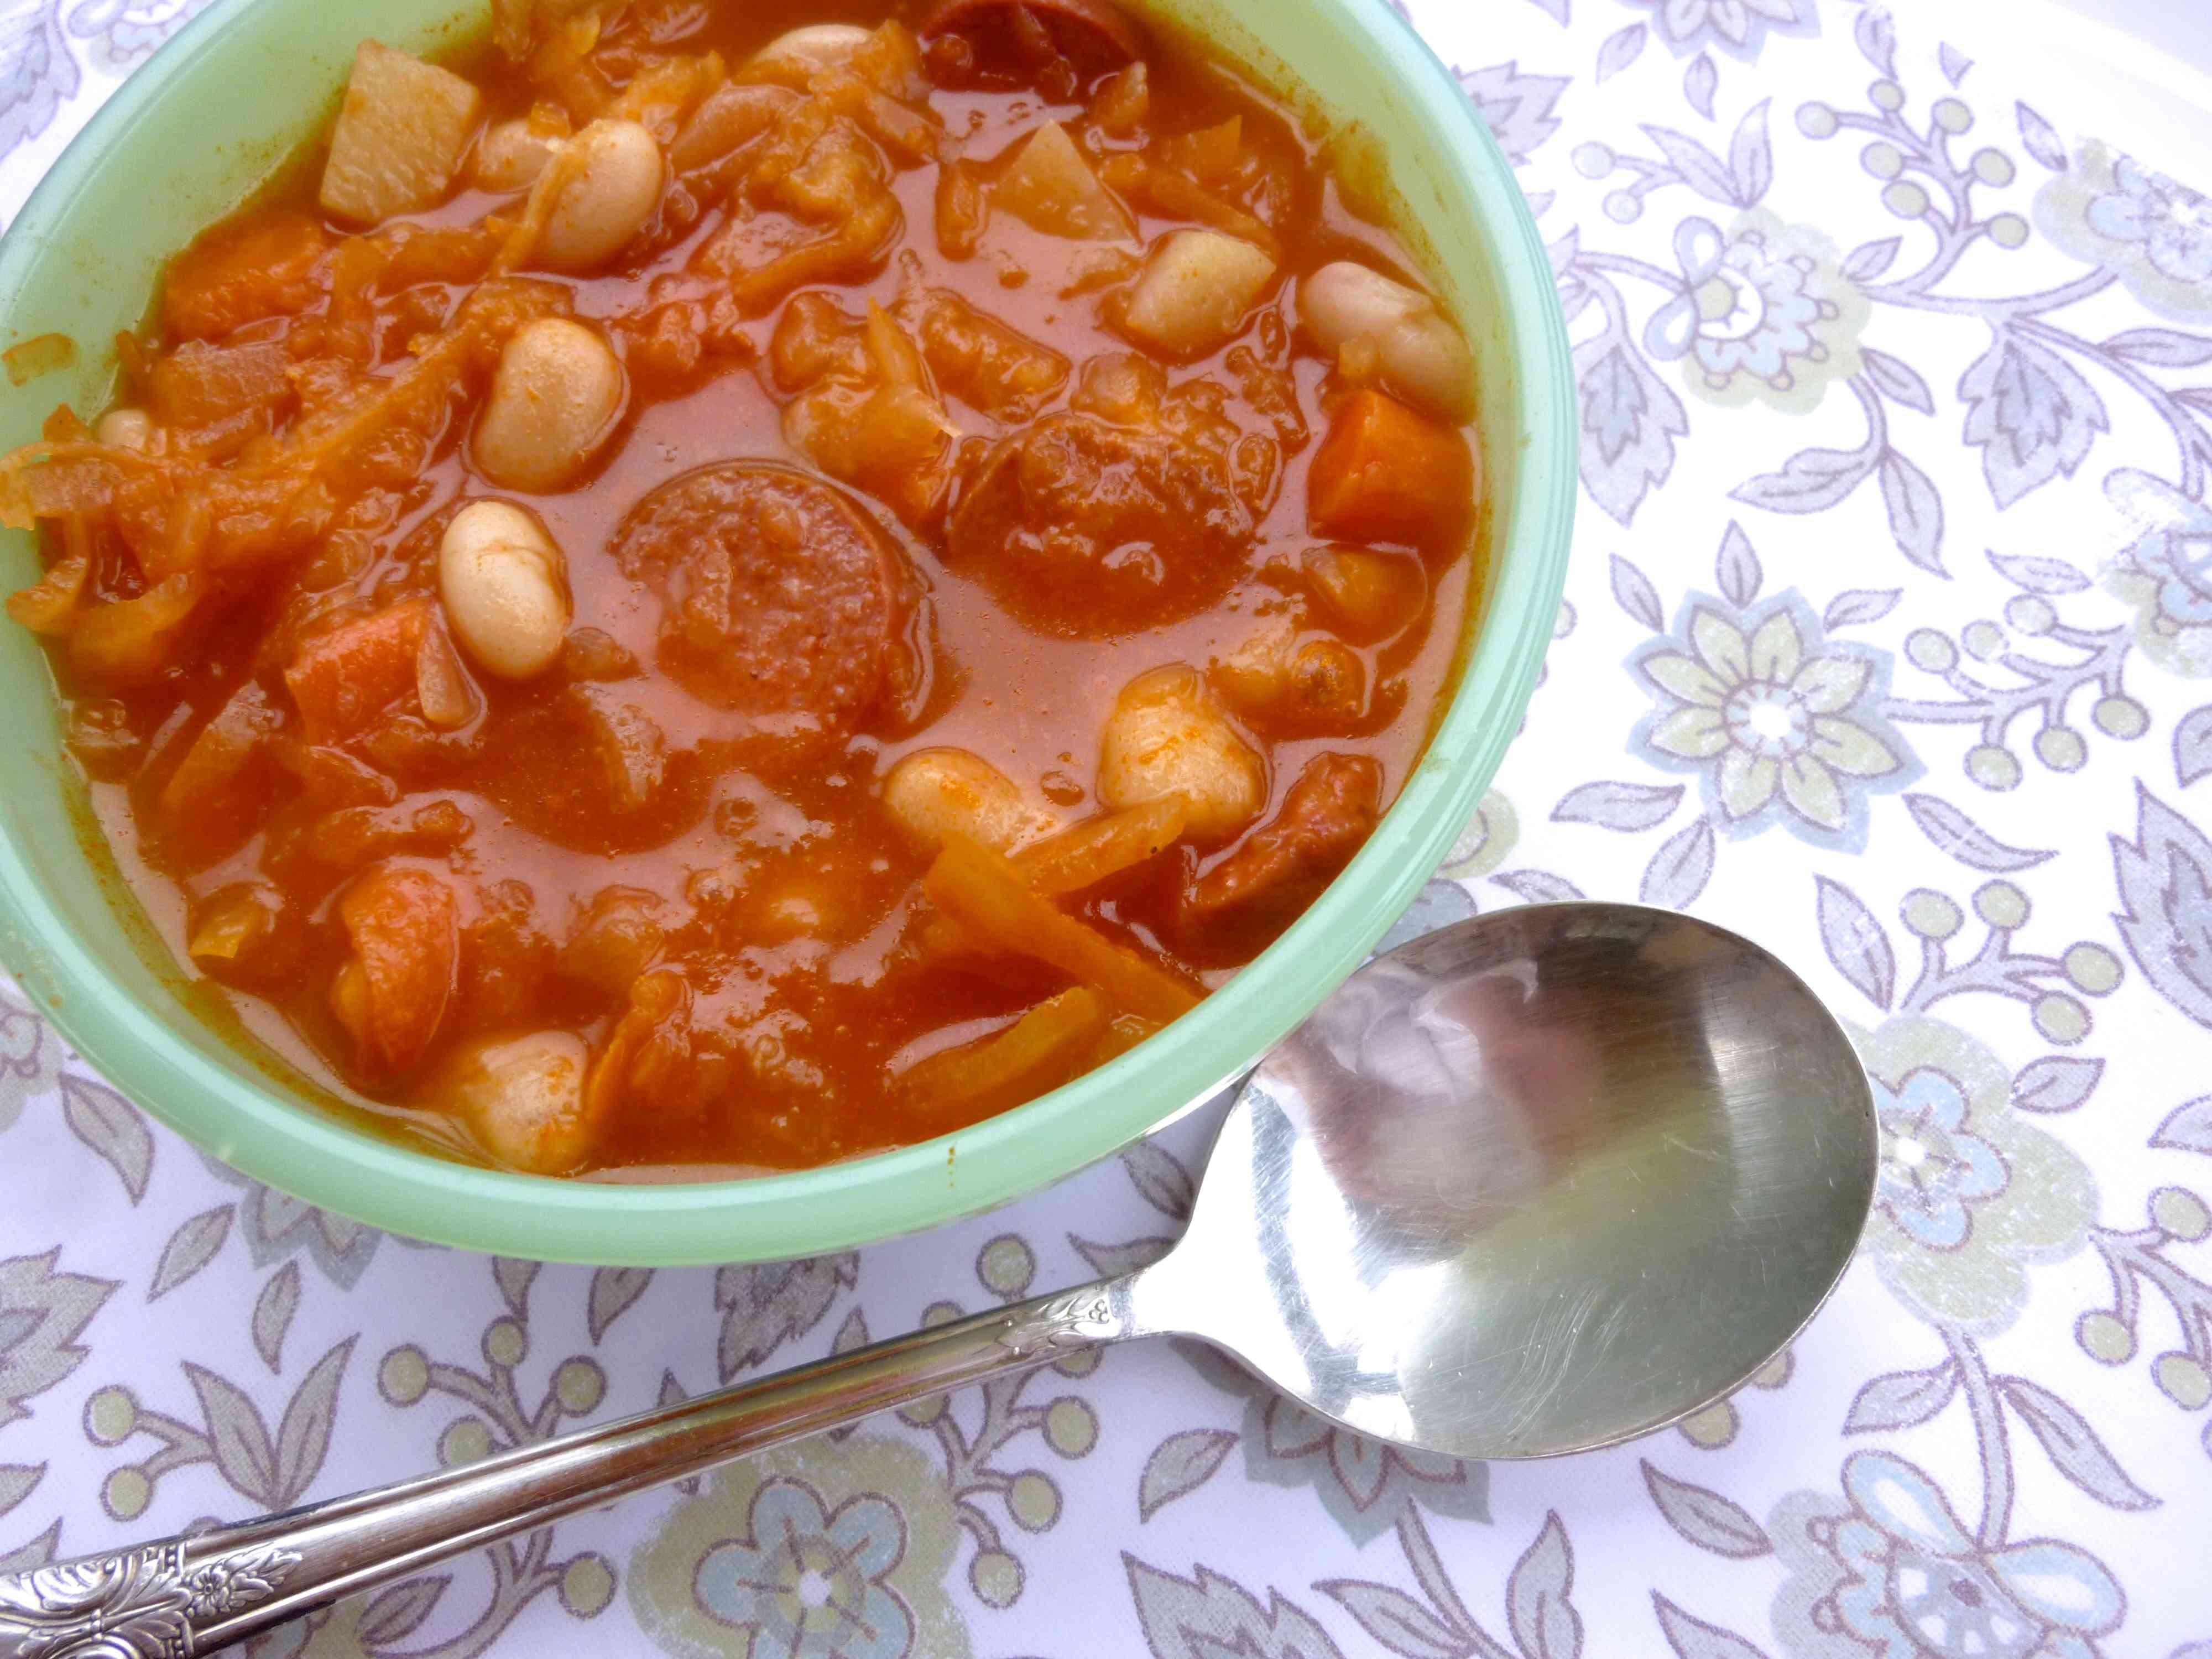 Sopa de frijoles blancos con chucrut alemán rica en probióticos